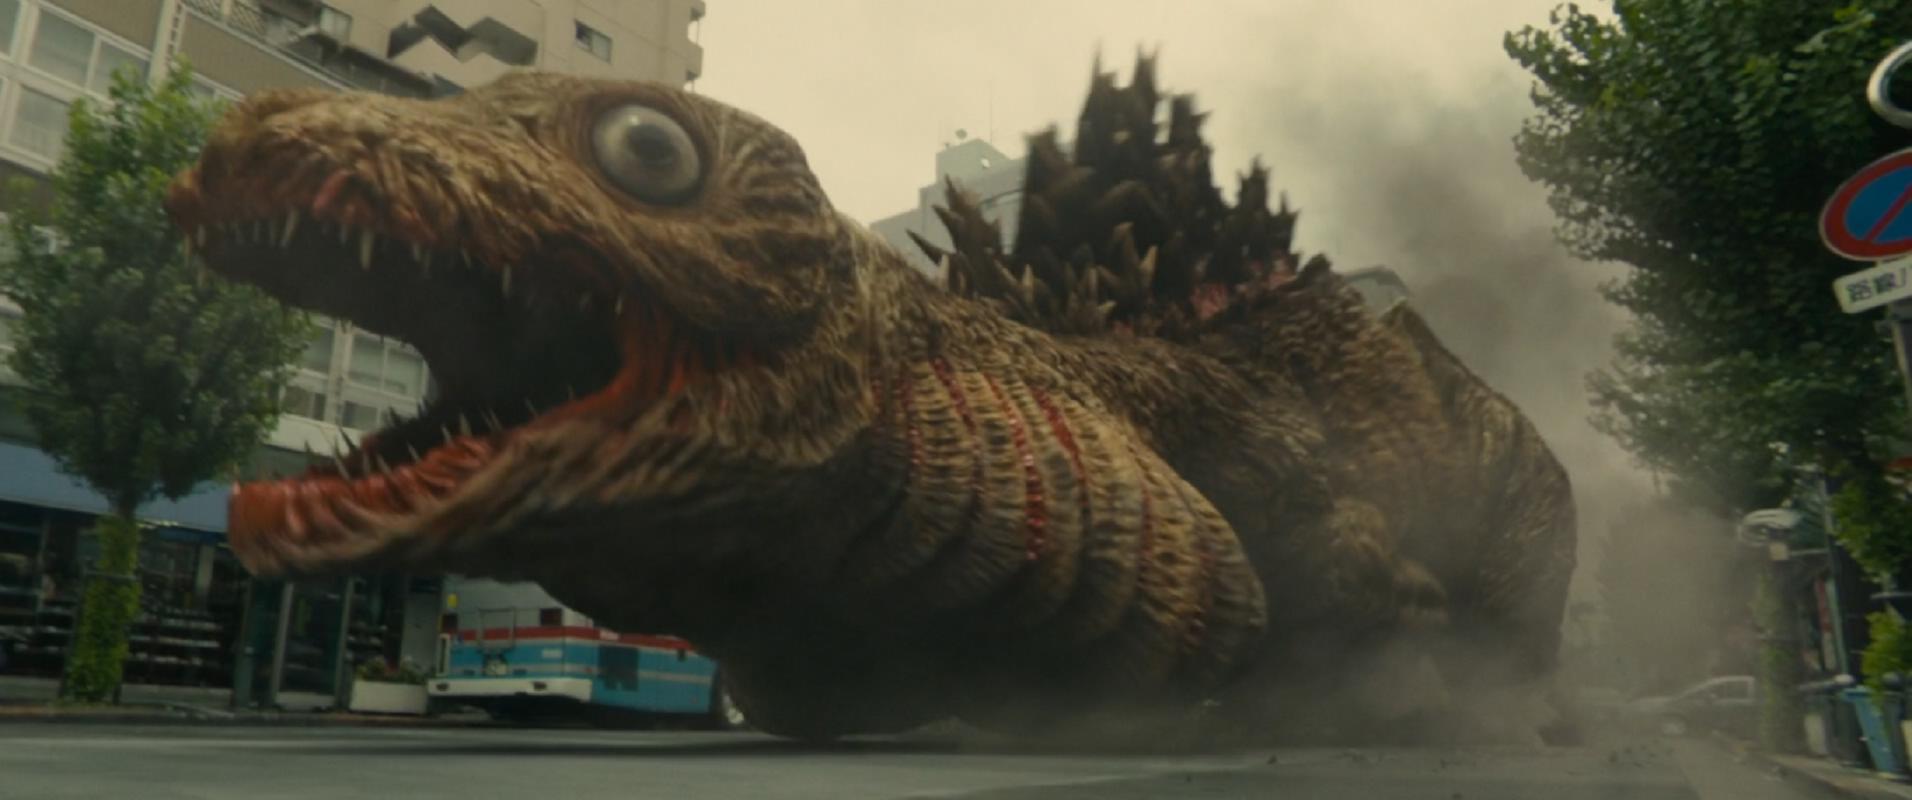 #经典看电影#现在你看怪兽萌萌哒,等它终极进化了,它看你萌萌哒